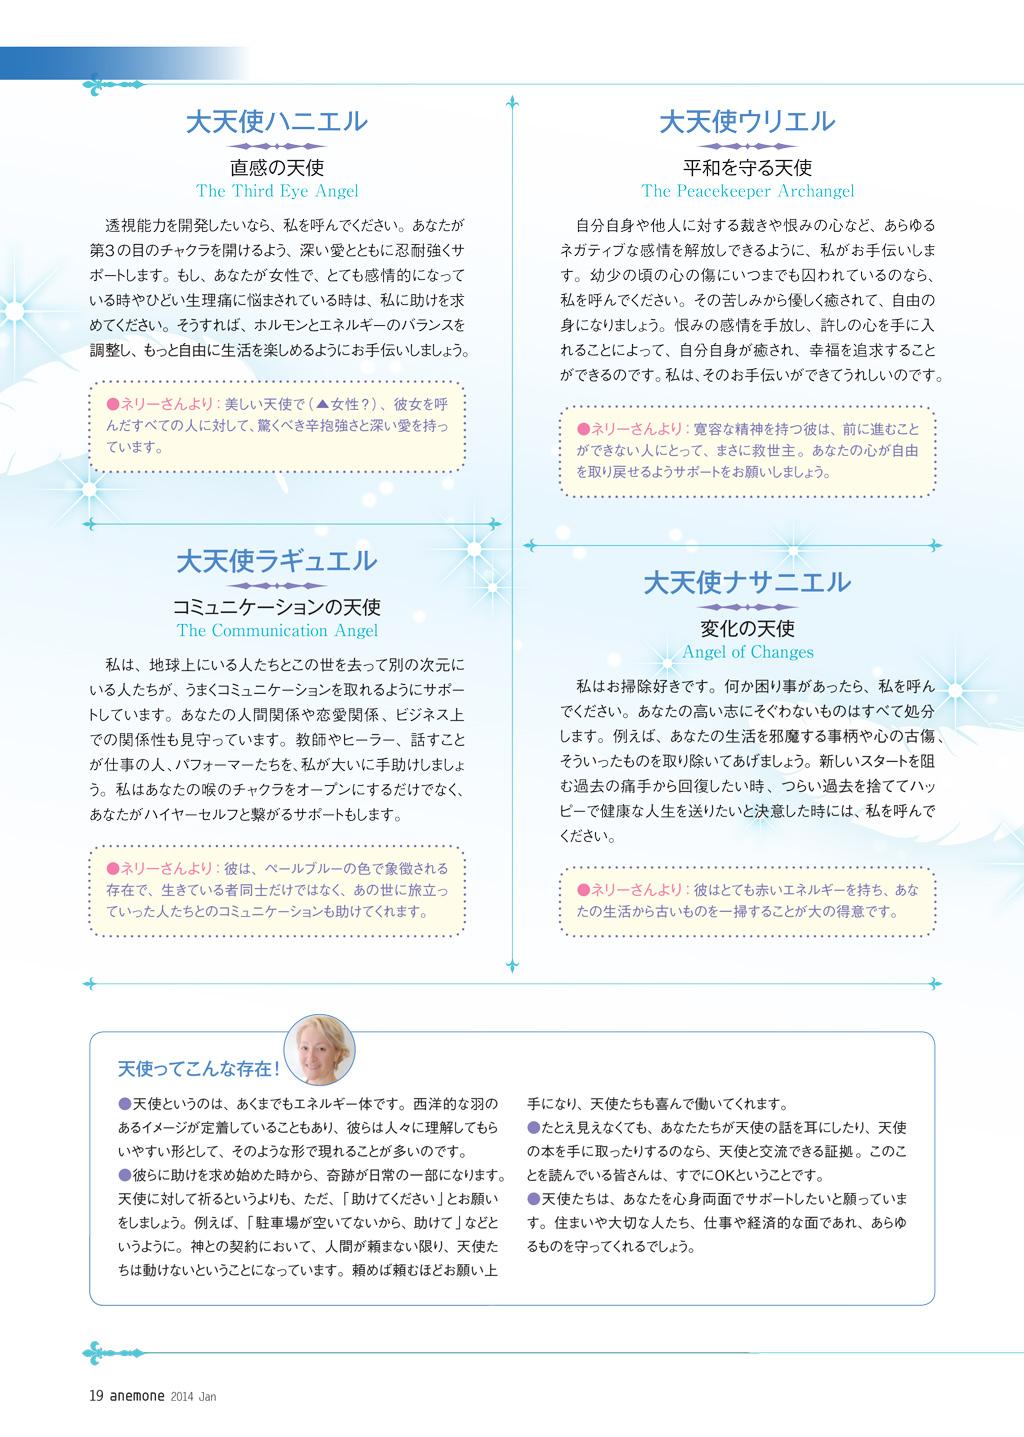 Anemon-Jan-2014-page12